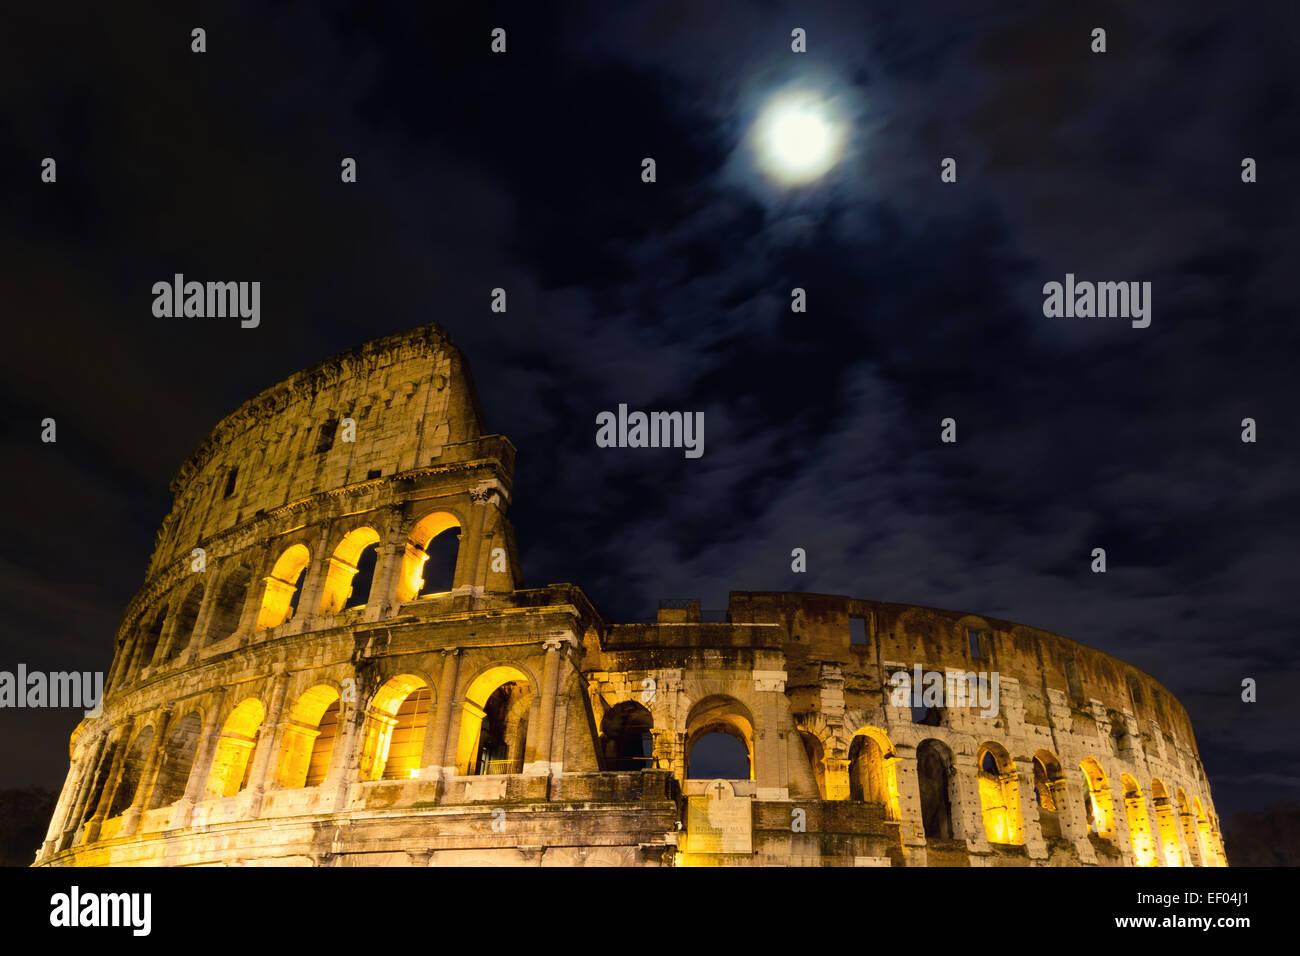 El coliseo bajo la luna llena, Roma, Italia Imagen De Stock